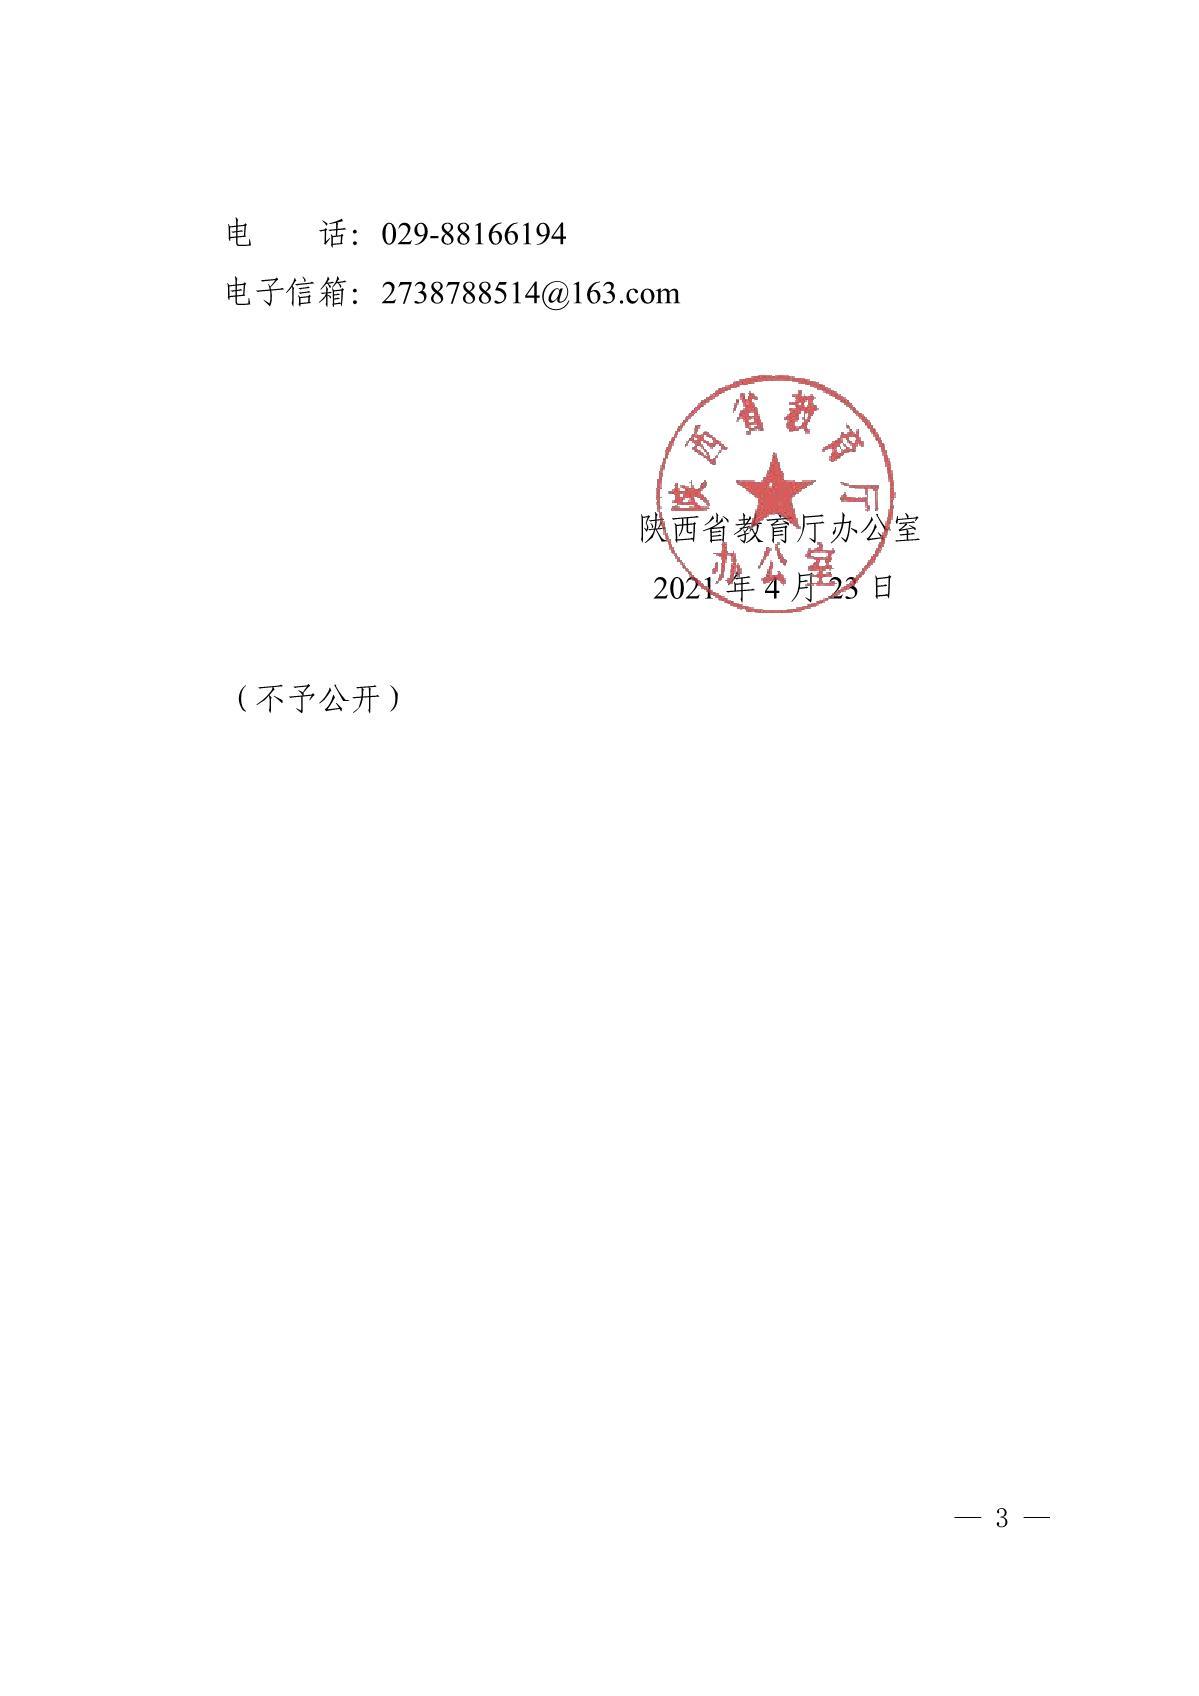 关于举办陕西省困难群体高校毕业生精准帮扶专场招聘会的通知(3)_3.JPG